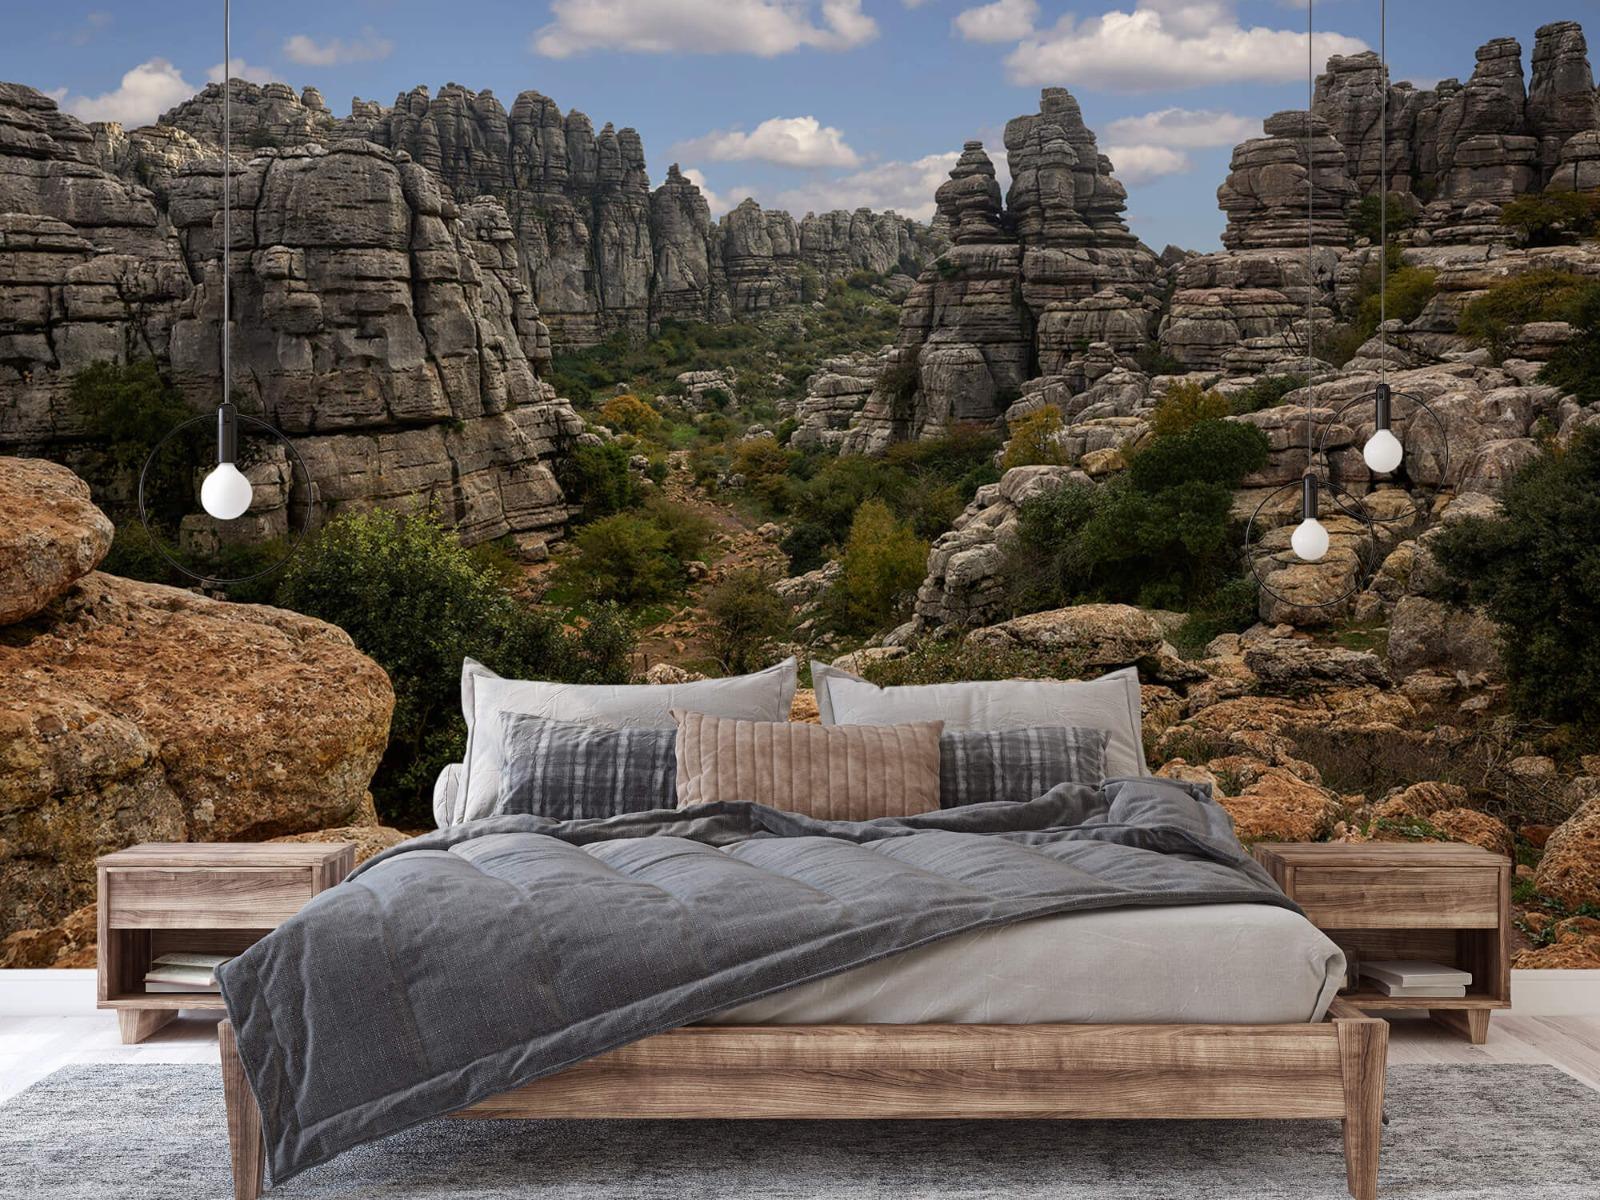 Bergen - Rotsen met blauwe lucht - Slaapkamer 2